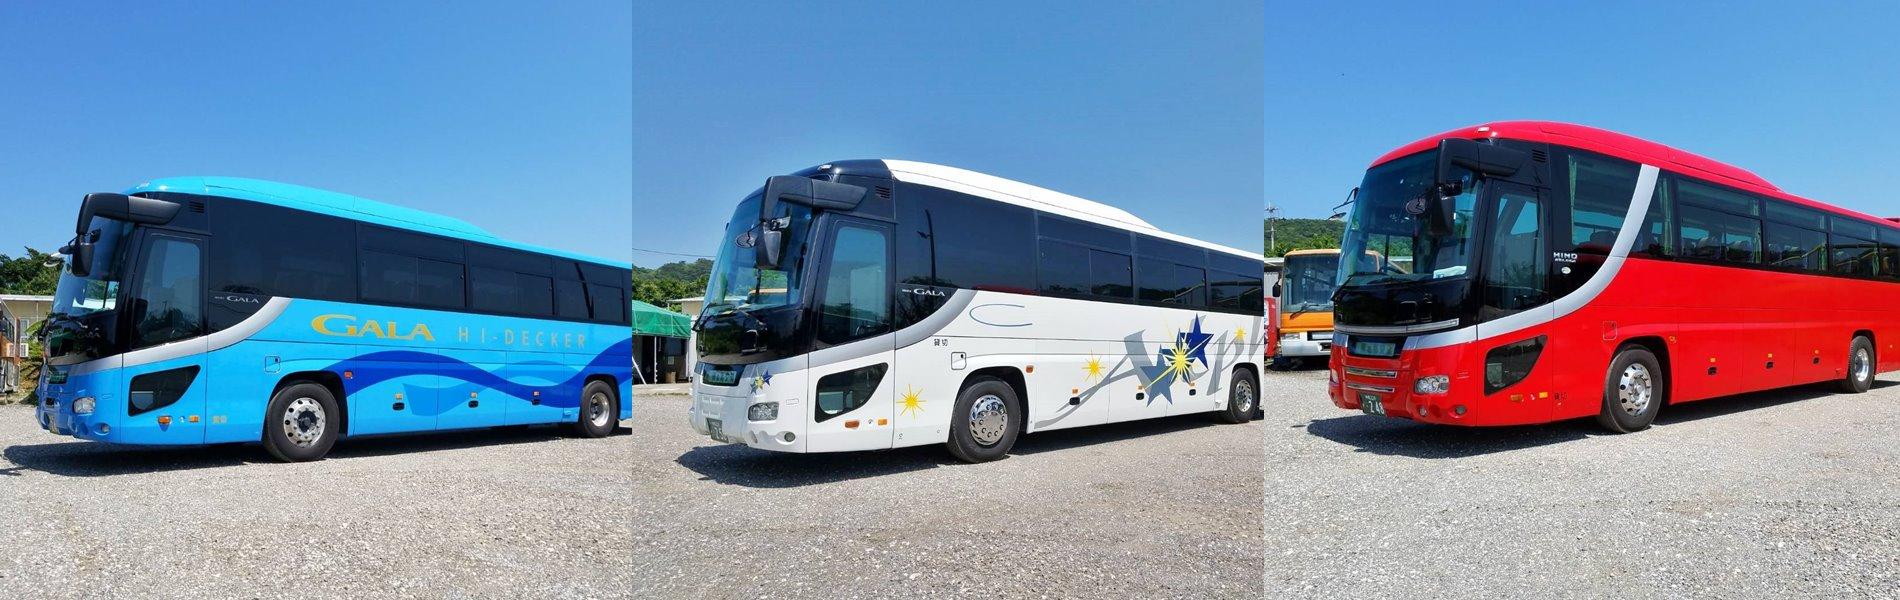 貸し切り観光バス